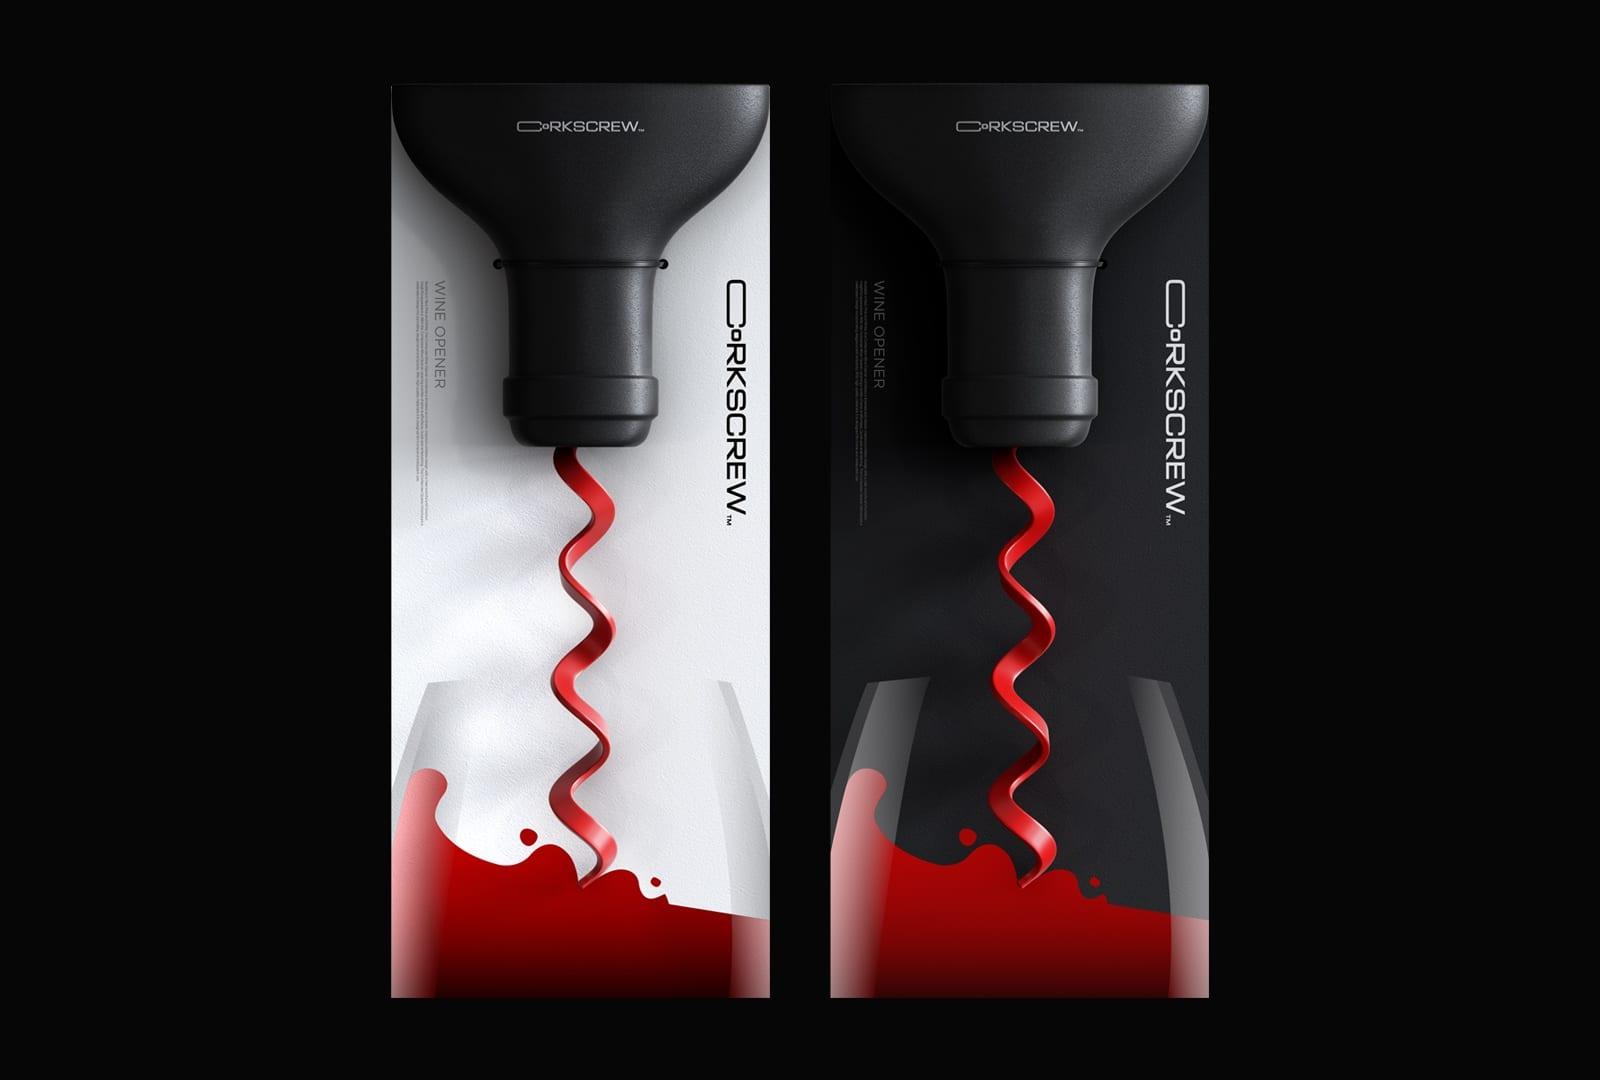 Corkscrew 1 - Ach, tie obaly – Corkscrew